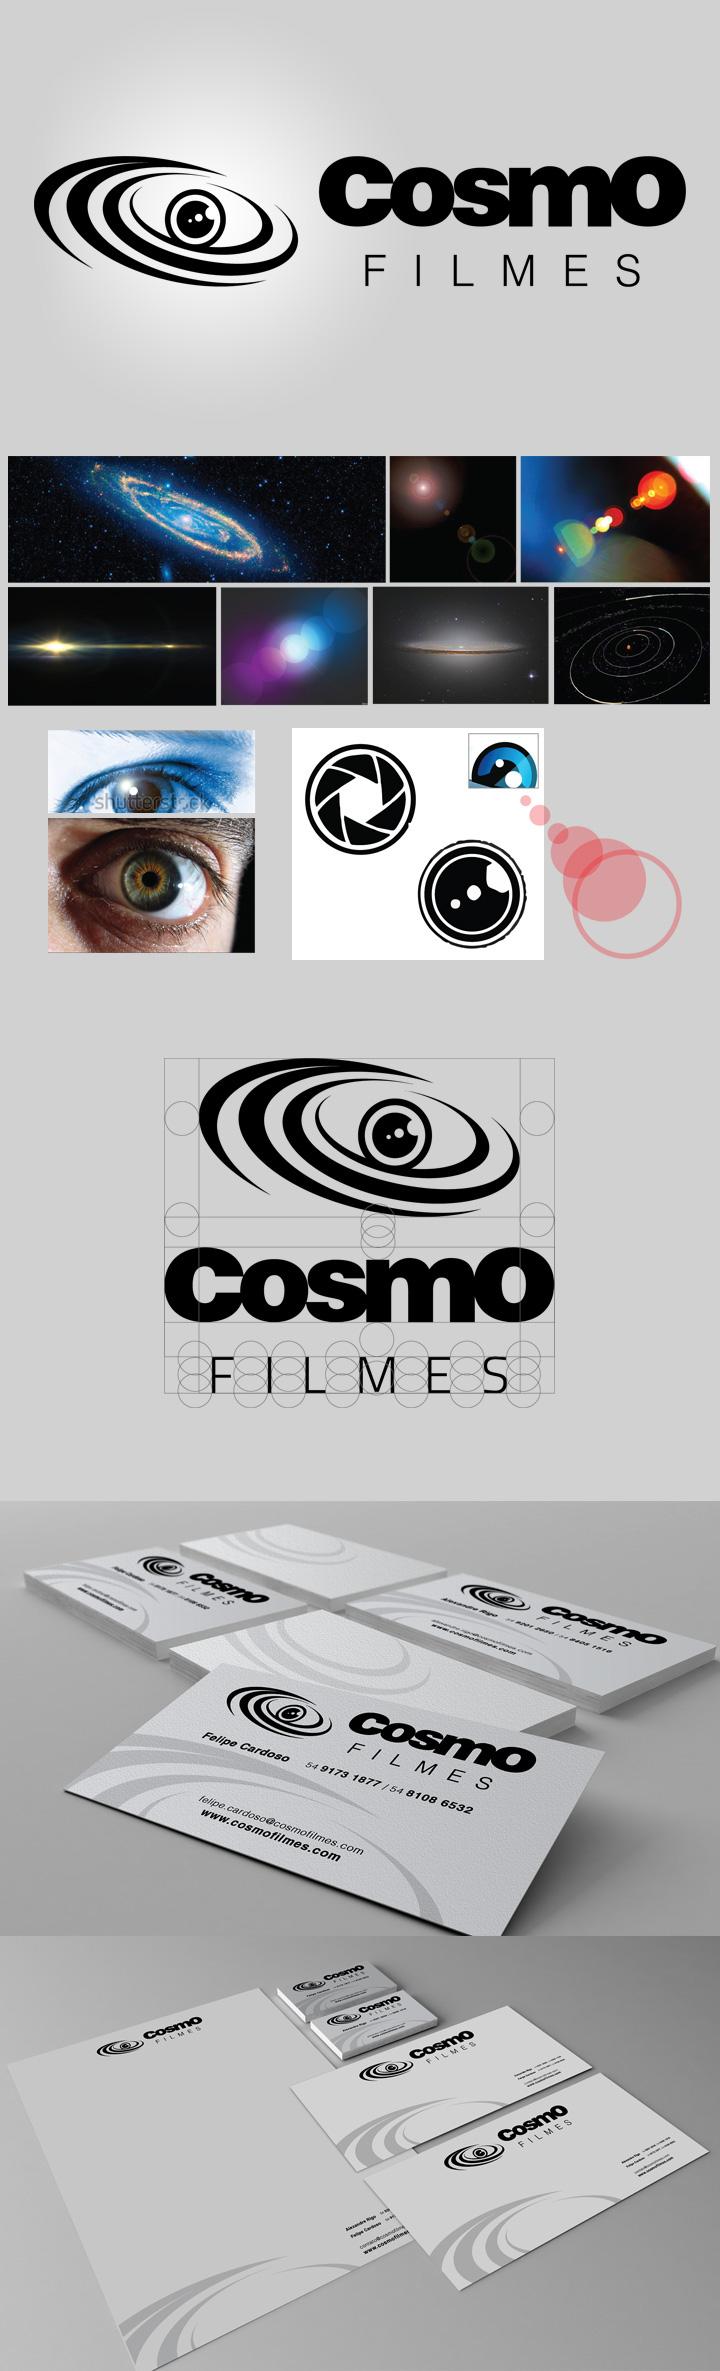 cosmofilmes-logo